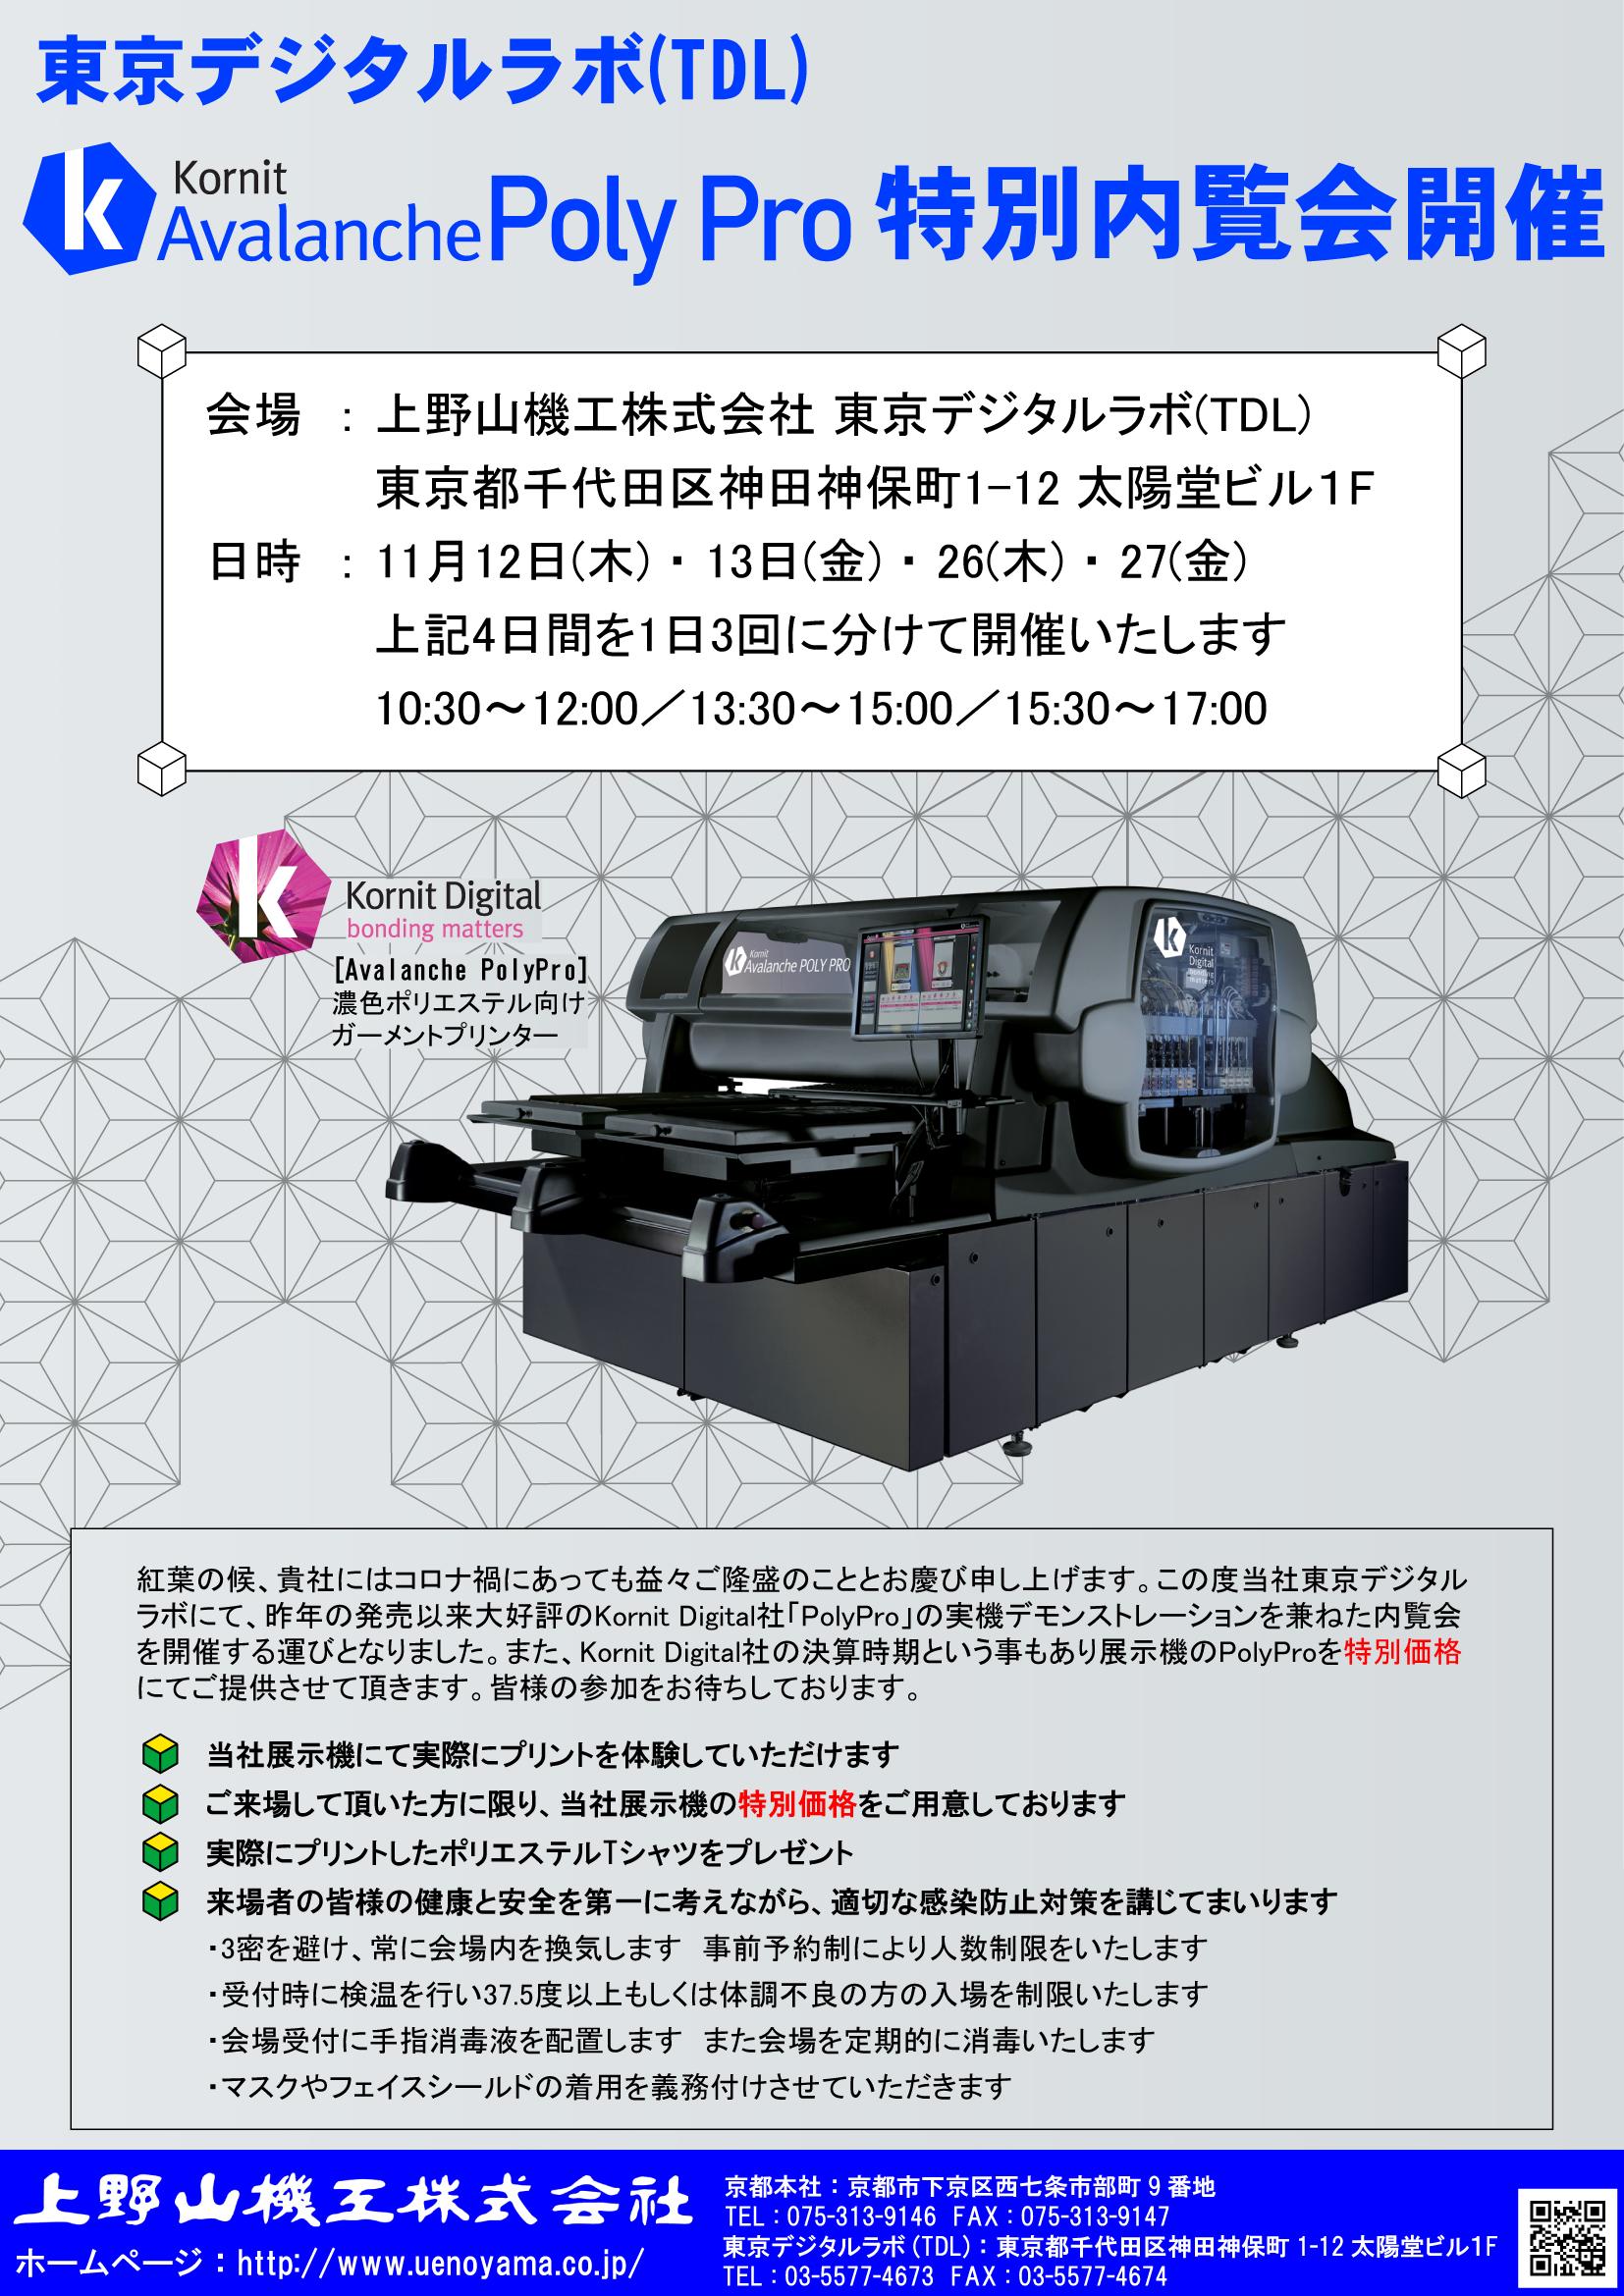 東京デジタルラボ PolyPro 特別内覧会開催